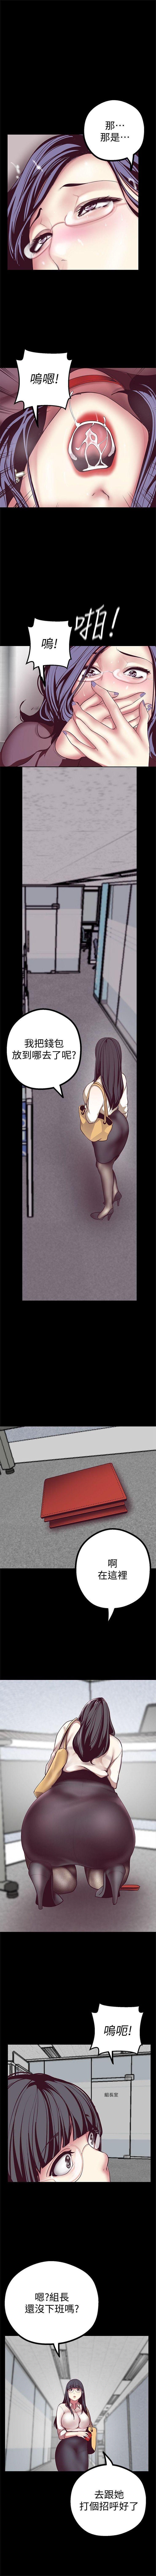 美麗新世界 1-85 官方中文(連載中) 105